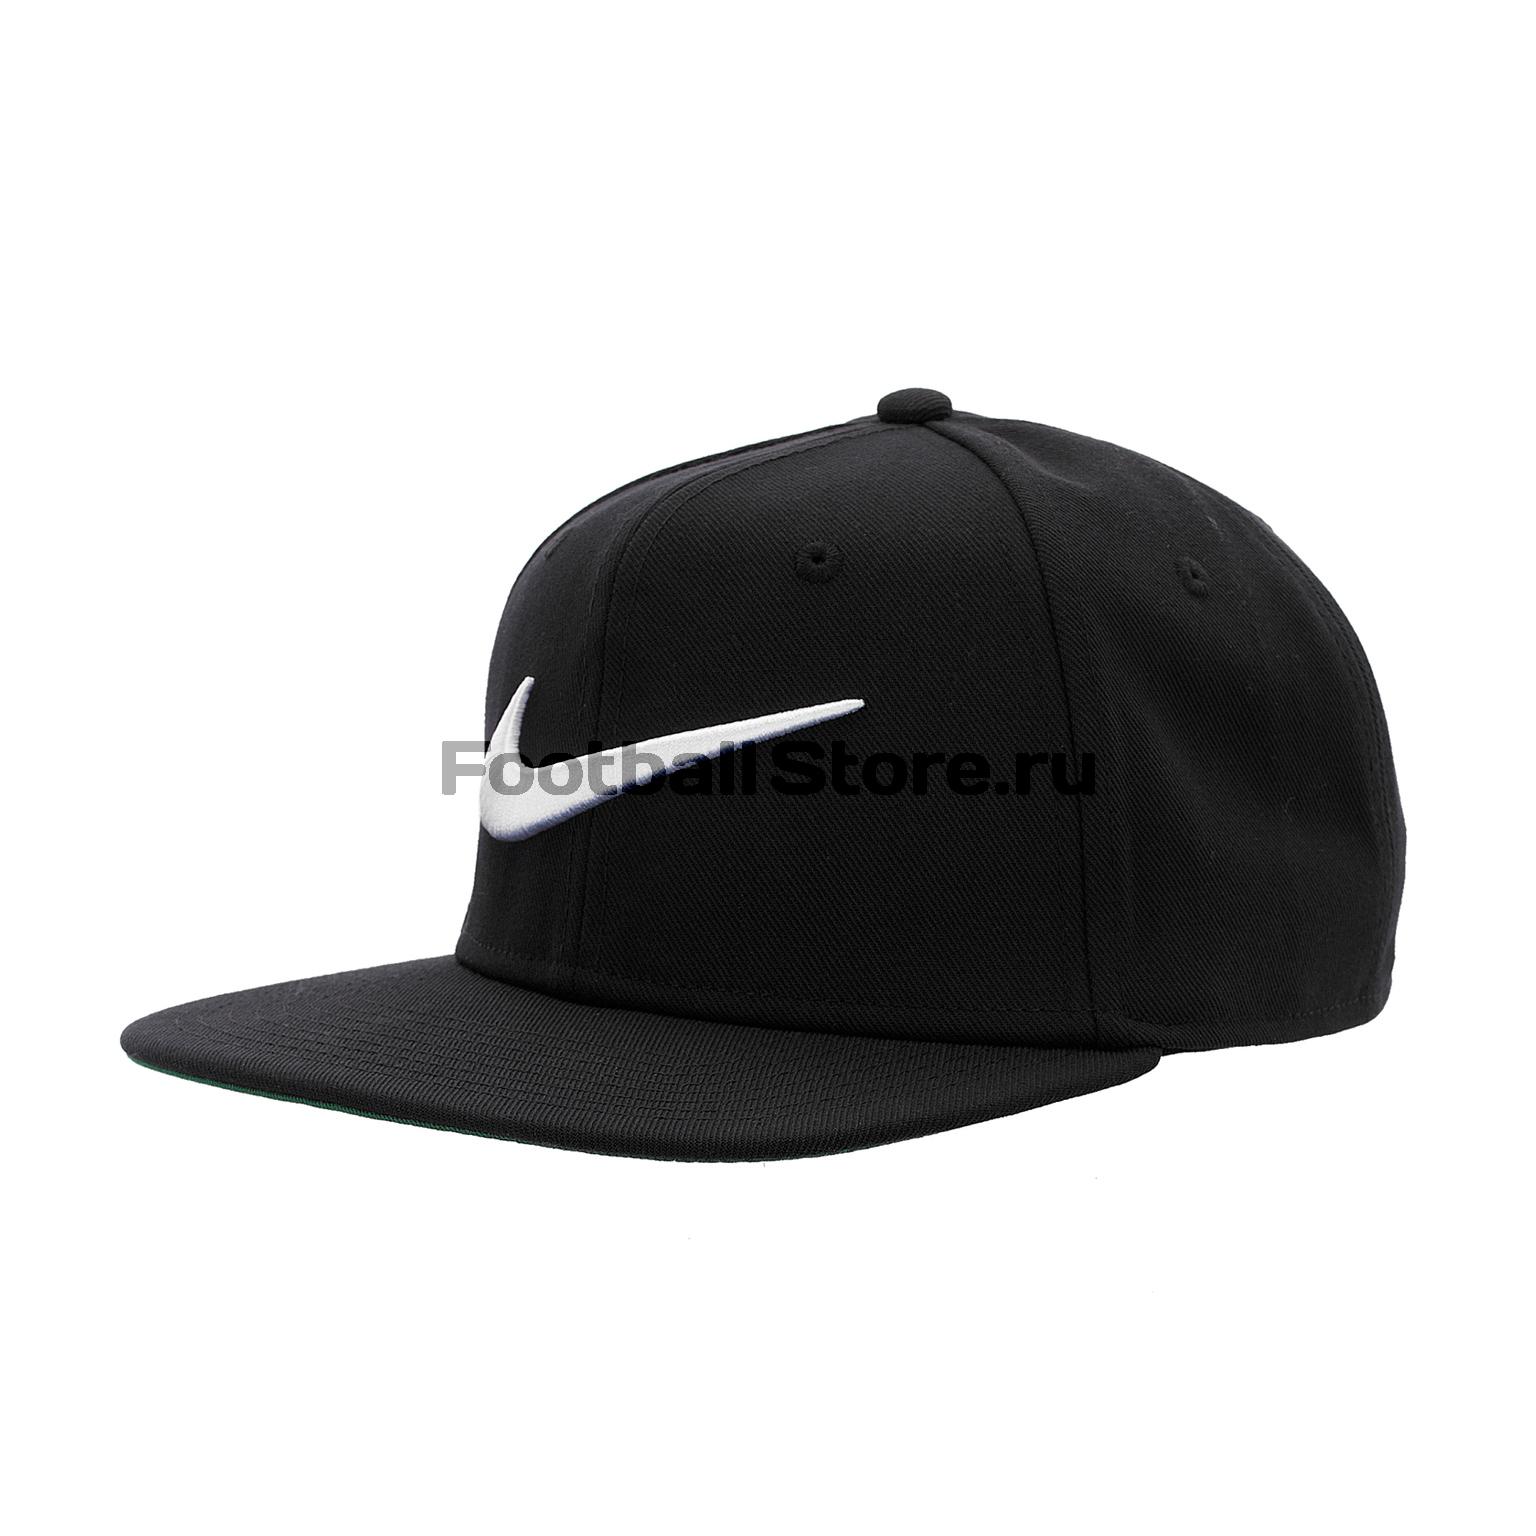 Бейсболка Nike Swoosh Pro Classic 639534-011